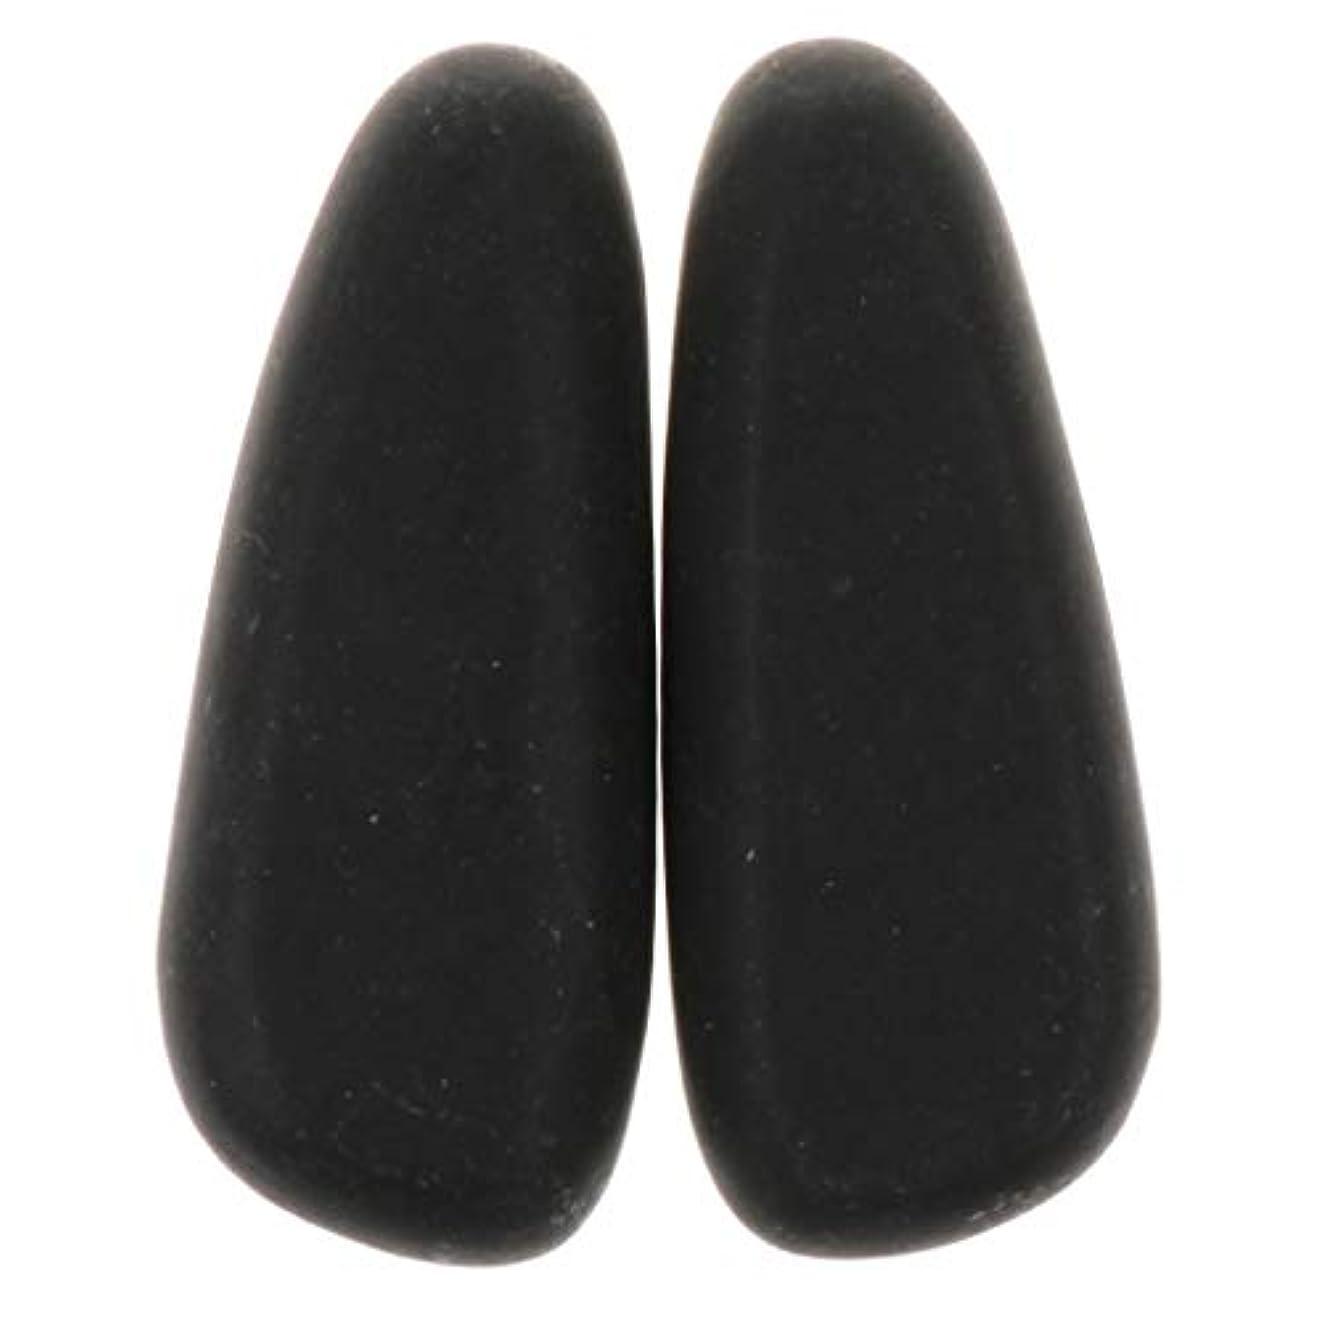 抗生物質数学的なシアーマッサージストーン 天然石ホットストーン マッサージ用玄武岩 SPA ツボ押しグッズ 2個 全2サイズ - 8×3.2×2cm